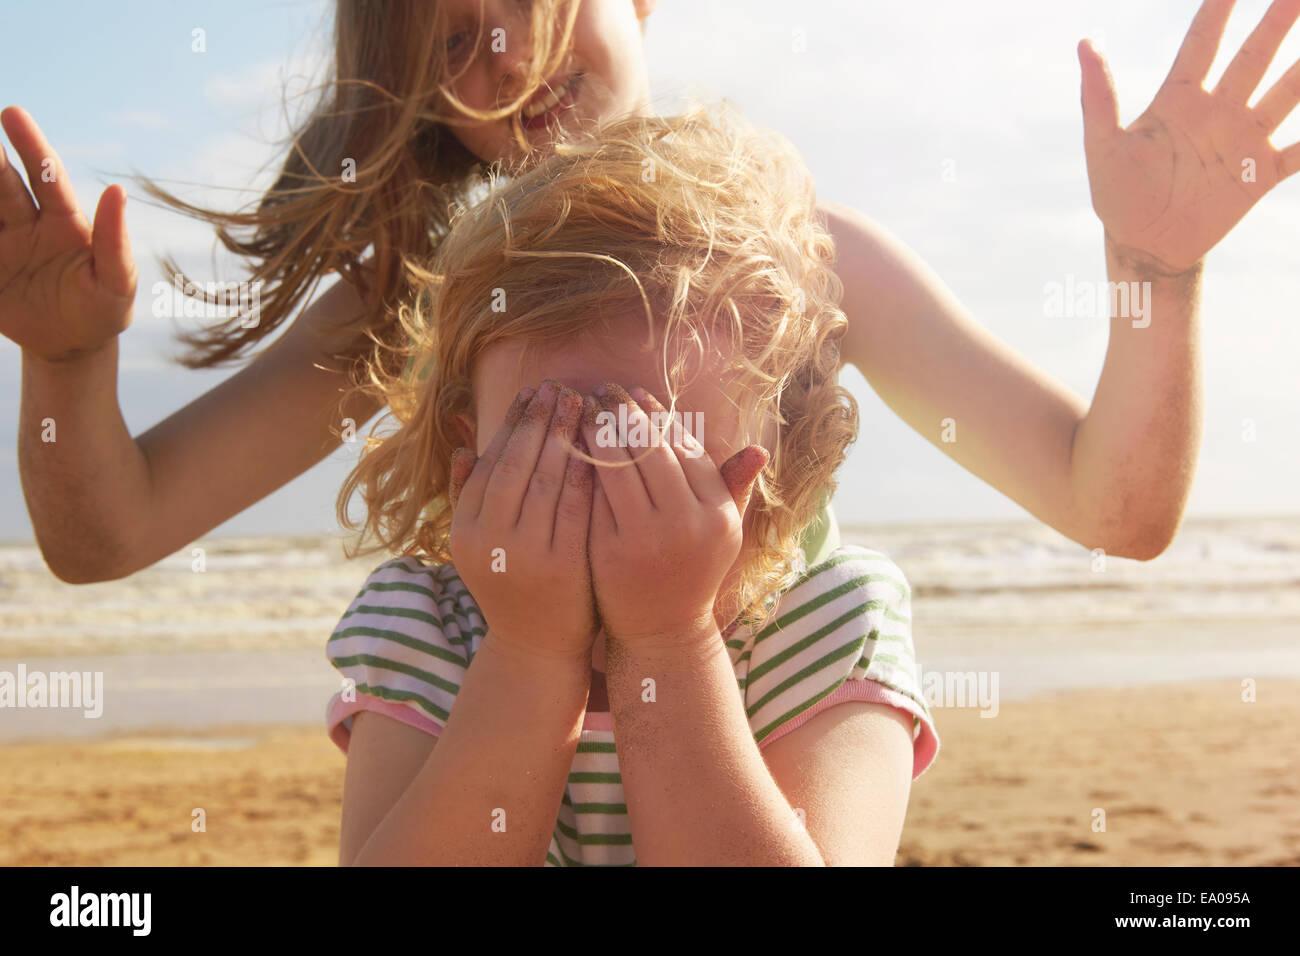 Ragazza che copre gli occhi di fronte a suor sulla spiaggia, Camber Sands, Kent, Regno Unito Immagini Stock